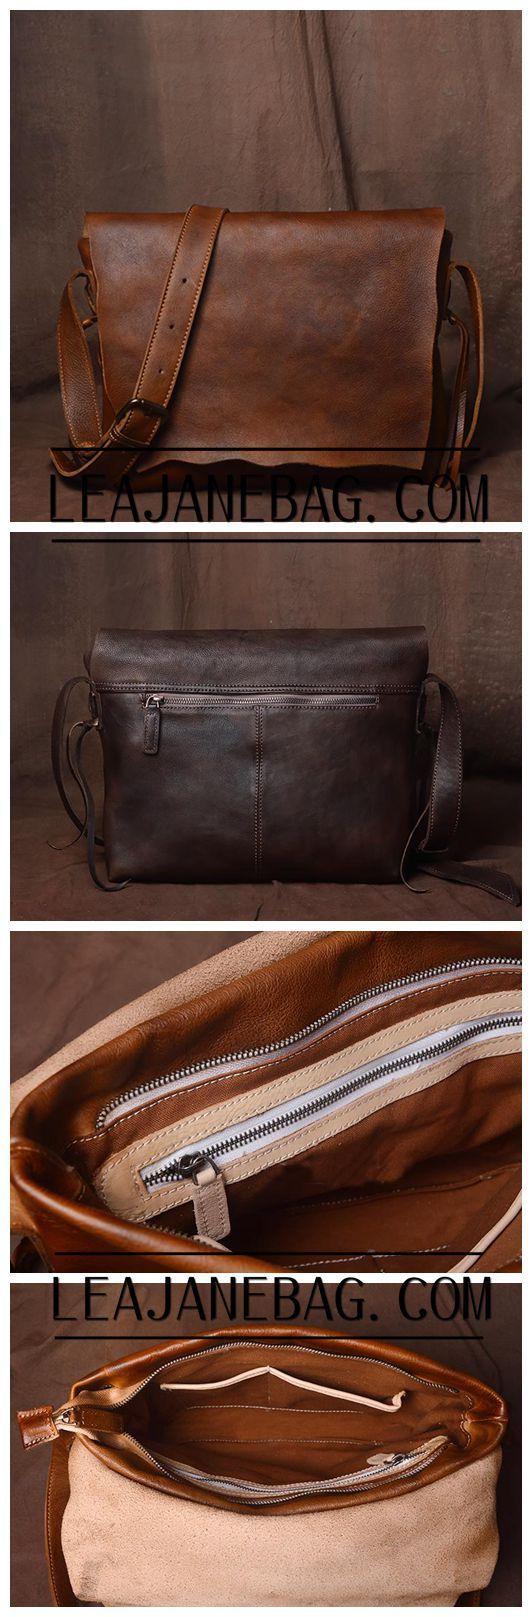 Handmade Leather Handbag Satchel Tan Portfolio Messenger Real Leather Saddle Bag Tablet JZ003